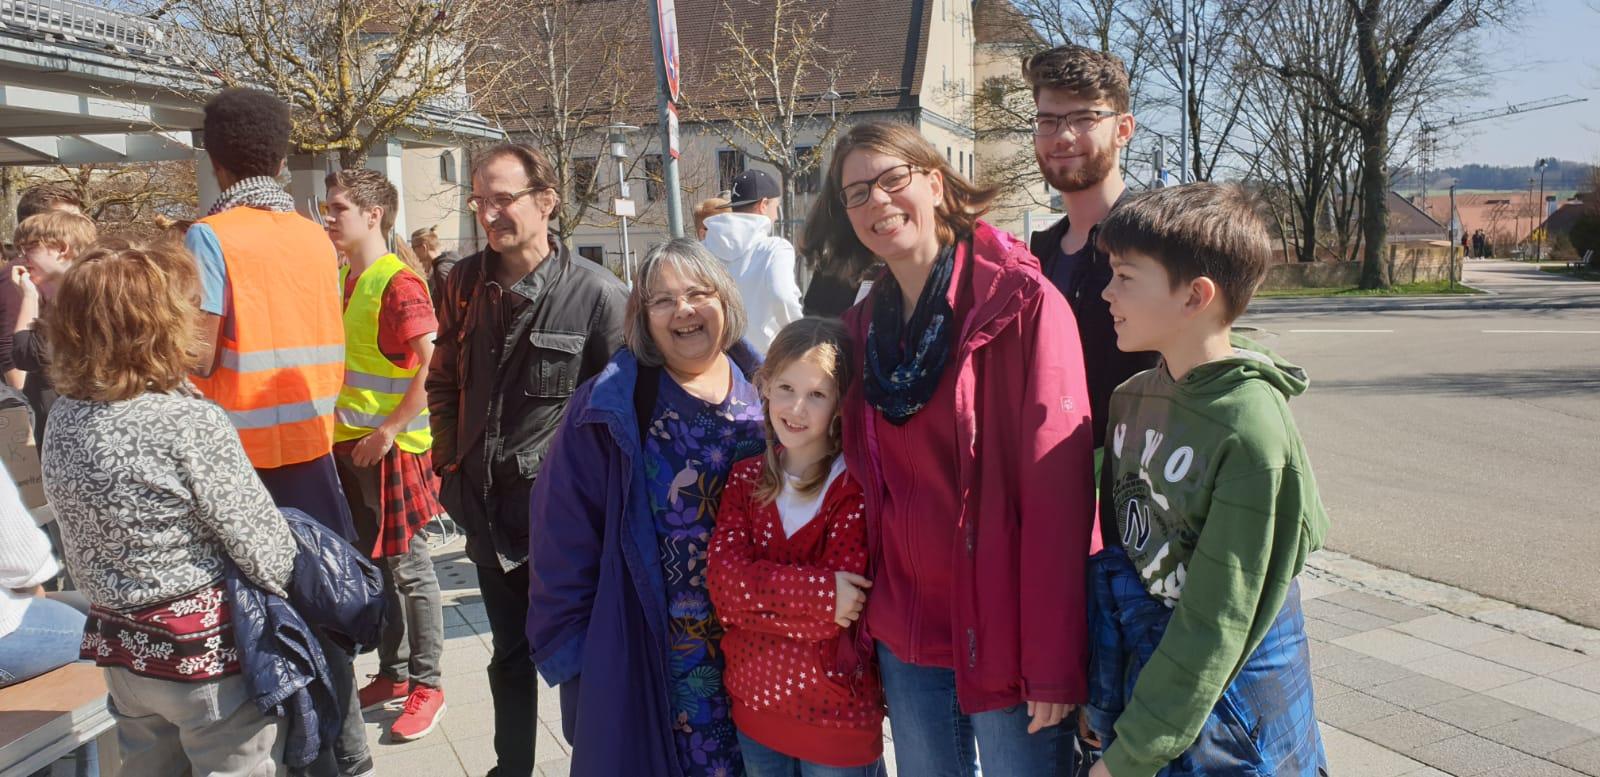 FridaysforFutureWertingen 29.03.19 mit Katja Finger und den kids